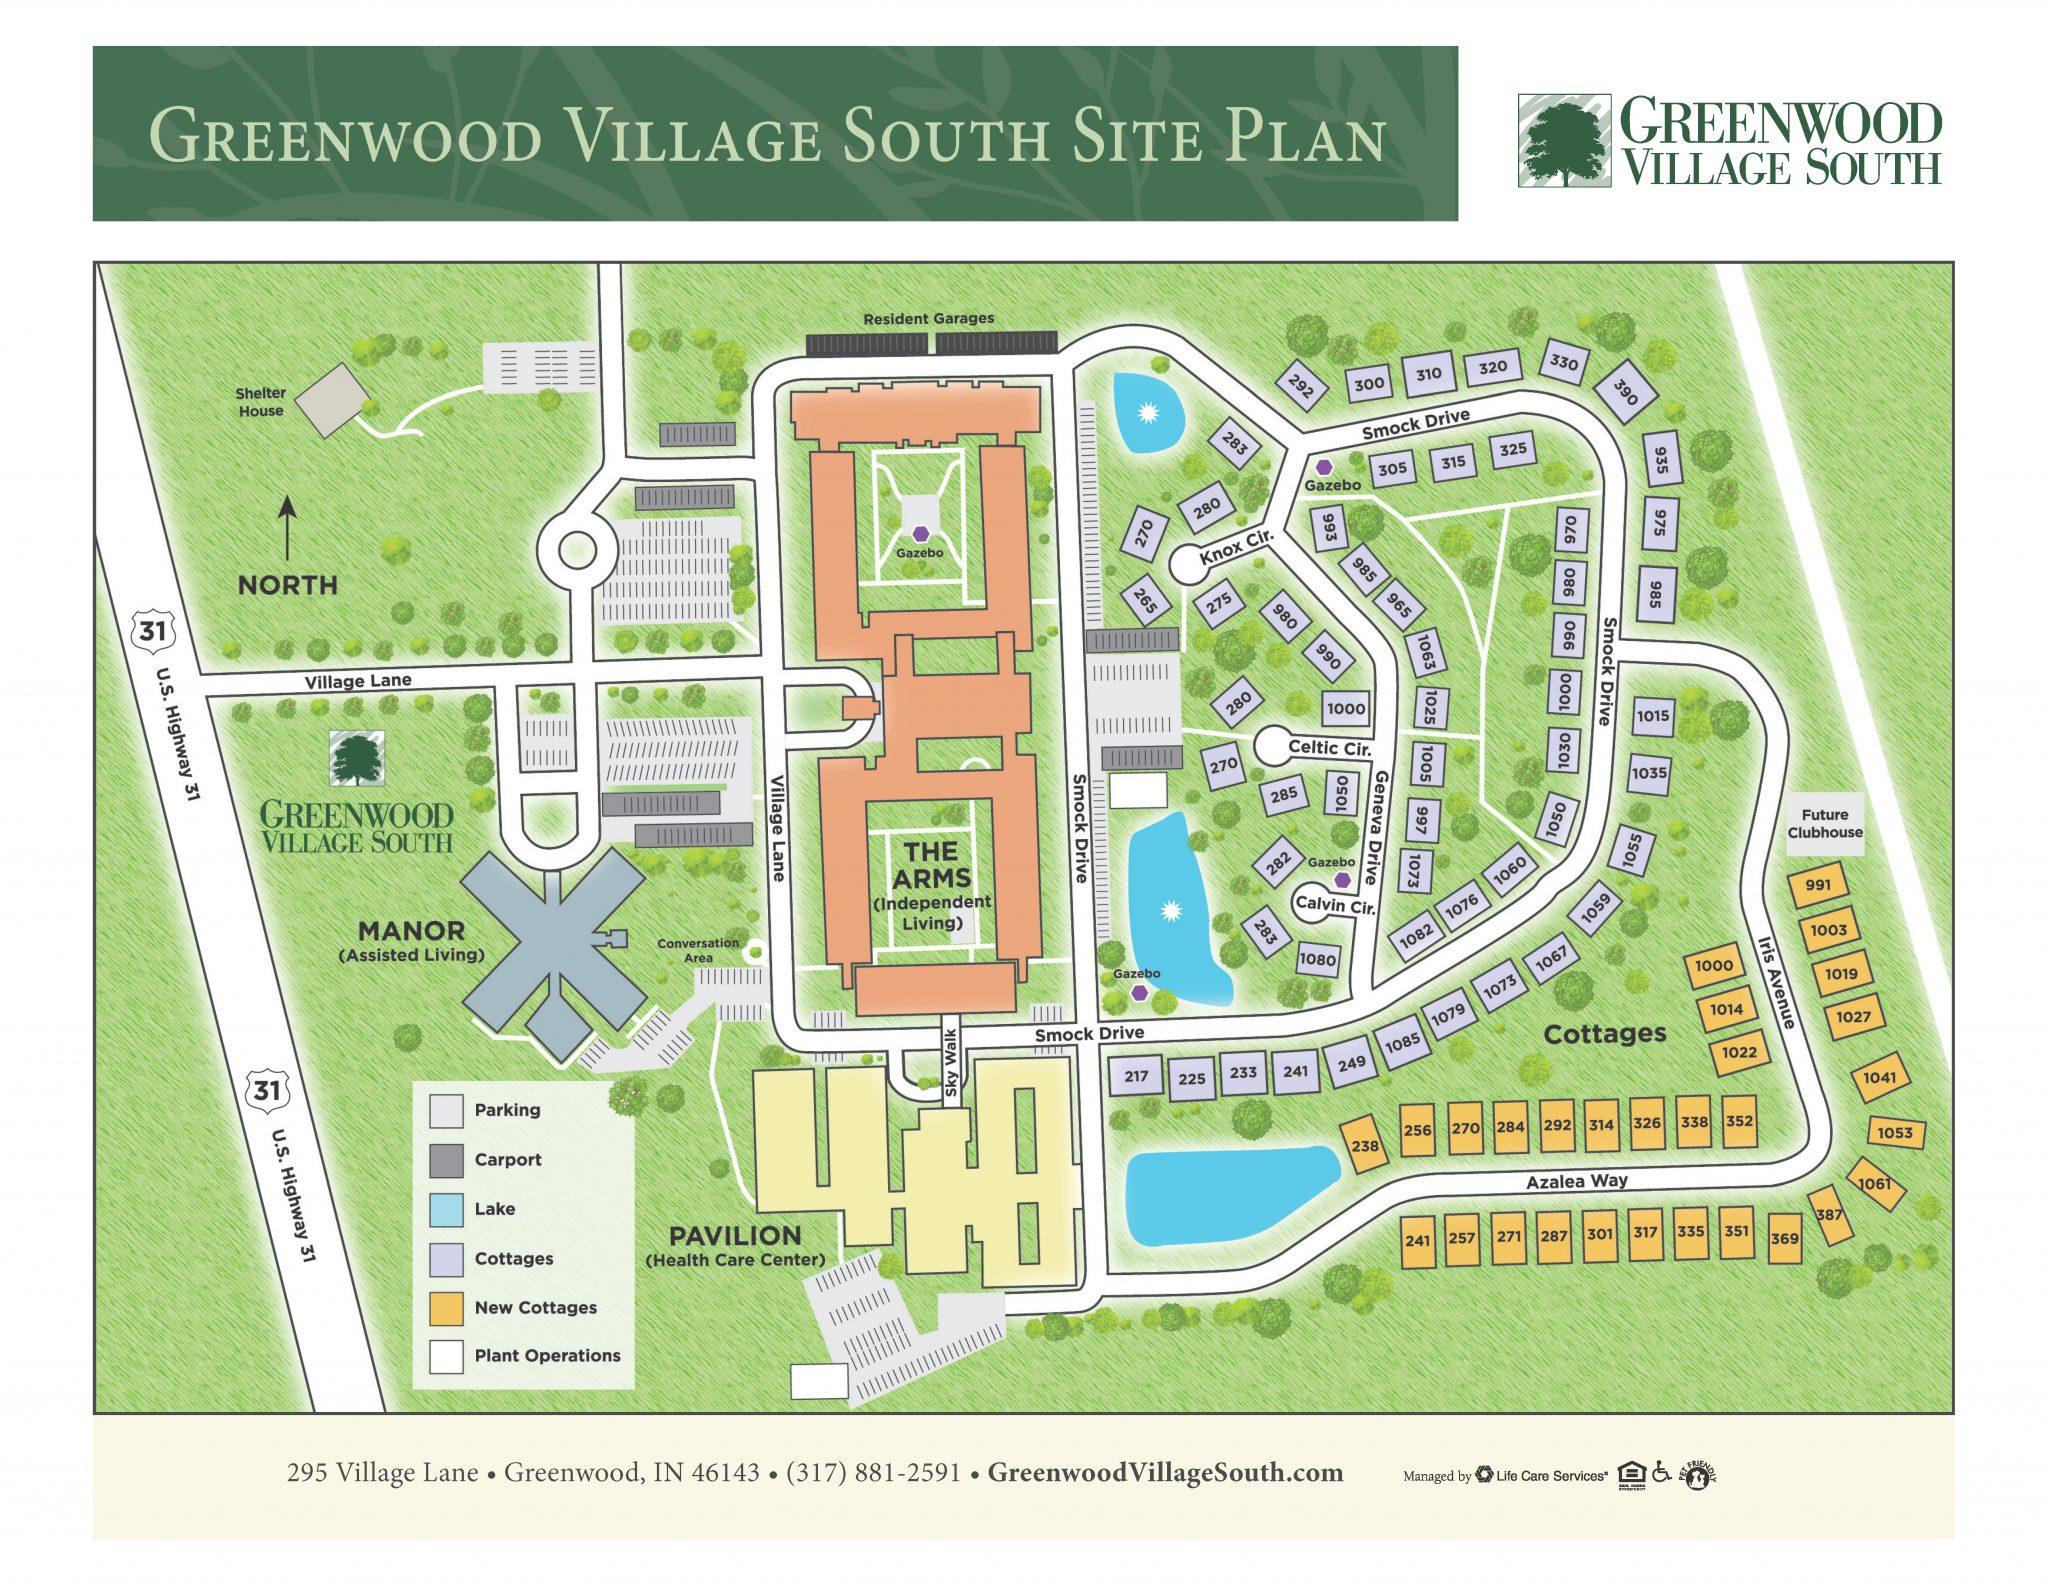 Greenwood Village South Site Plan